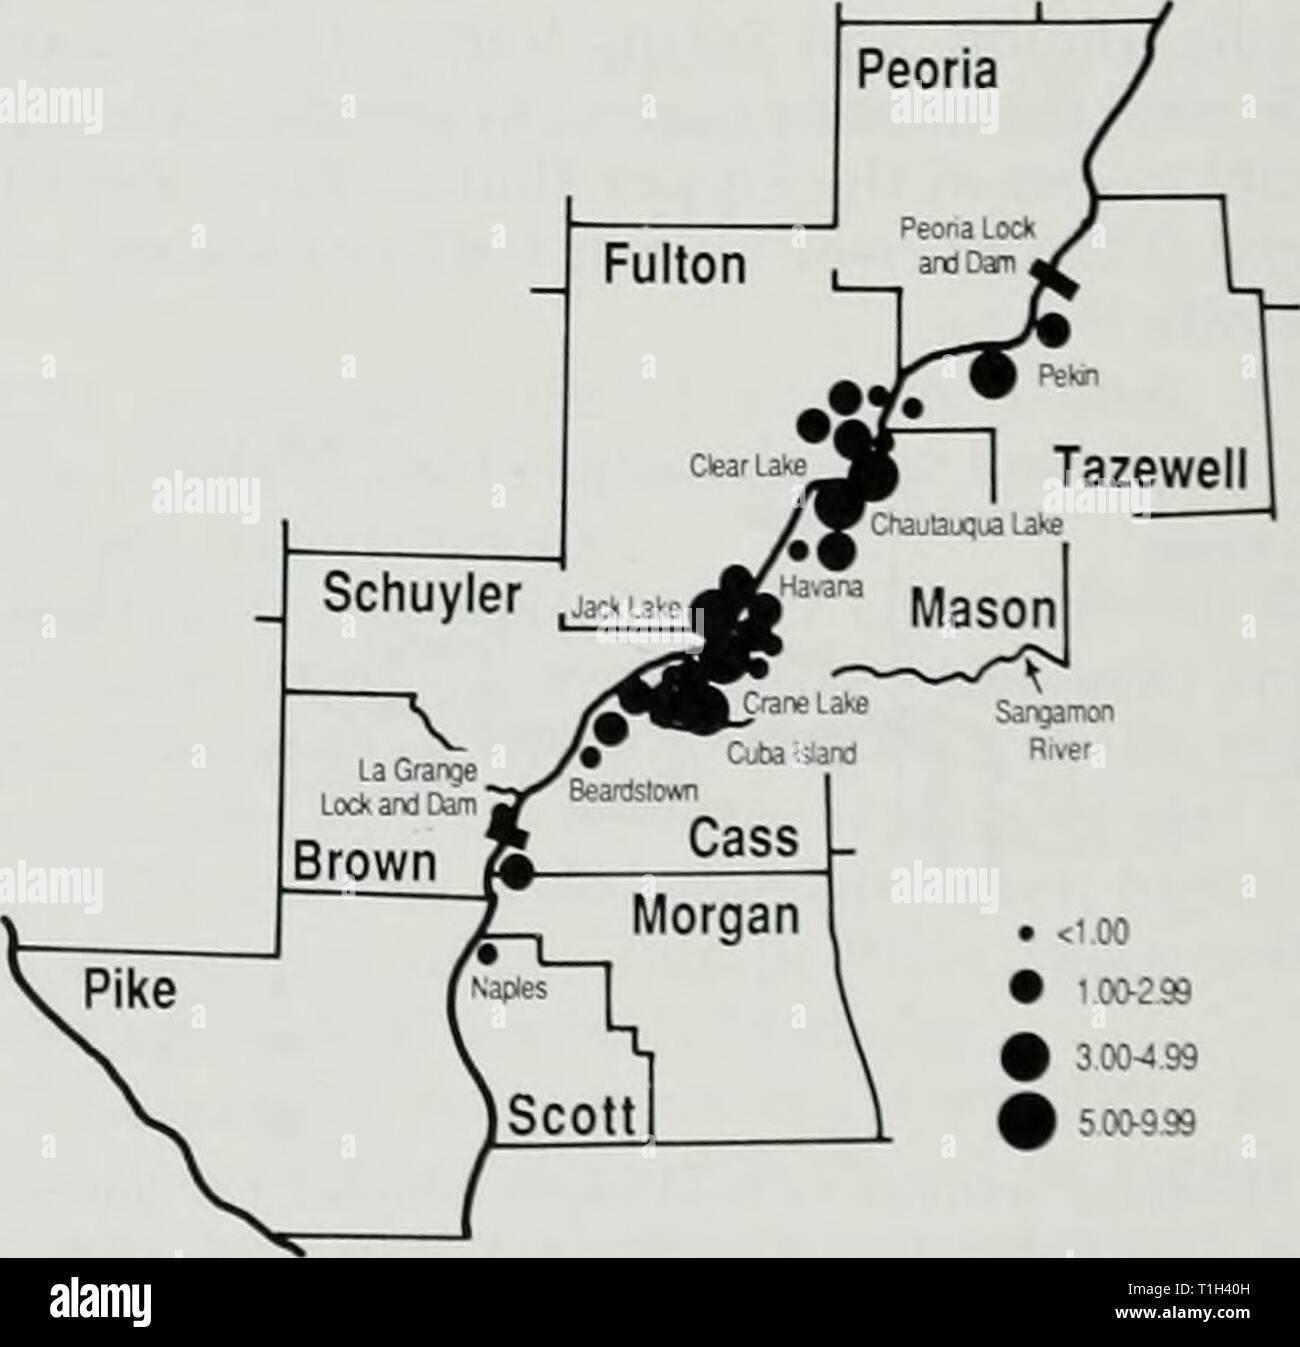 Distribución y abundancia de invierno de la distribución y abundancia de las poblaciones de invierno de águilas calvas en Illinois distributionabun129tener Año: 1988 Fig. 24.-Media ol b.ilu águilas i censo se,es inferior llie uilliiii Illinois Ri' • 100-299 3,00-4-99 inenior innied por una región de er. 1972-1986. Fig. 22.-Fastern sh, en Senacliw'ine L.tk la densidad estimada de águilas calvas en la parte inferior de la región del río Illinois promedió ().5(i por río milla o 0,49 por milla squaie del hábitat de los humedales. La densidad media por milla scjuare de humedales (0,49) en esta re- gión slighth fue superior al valor Foto de stock